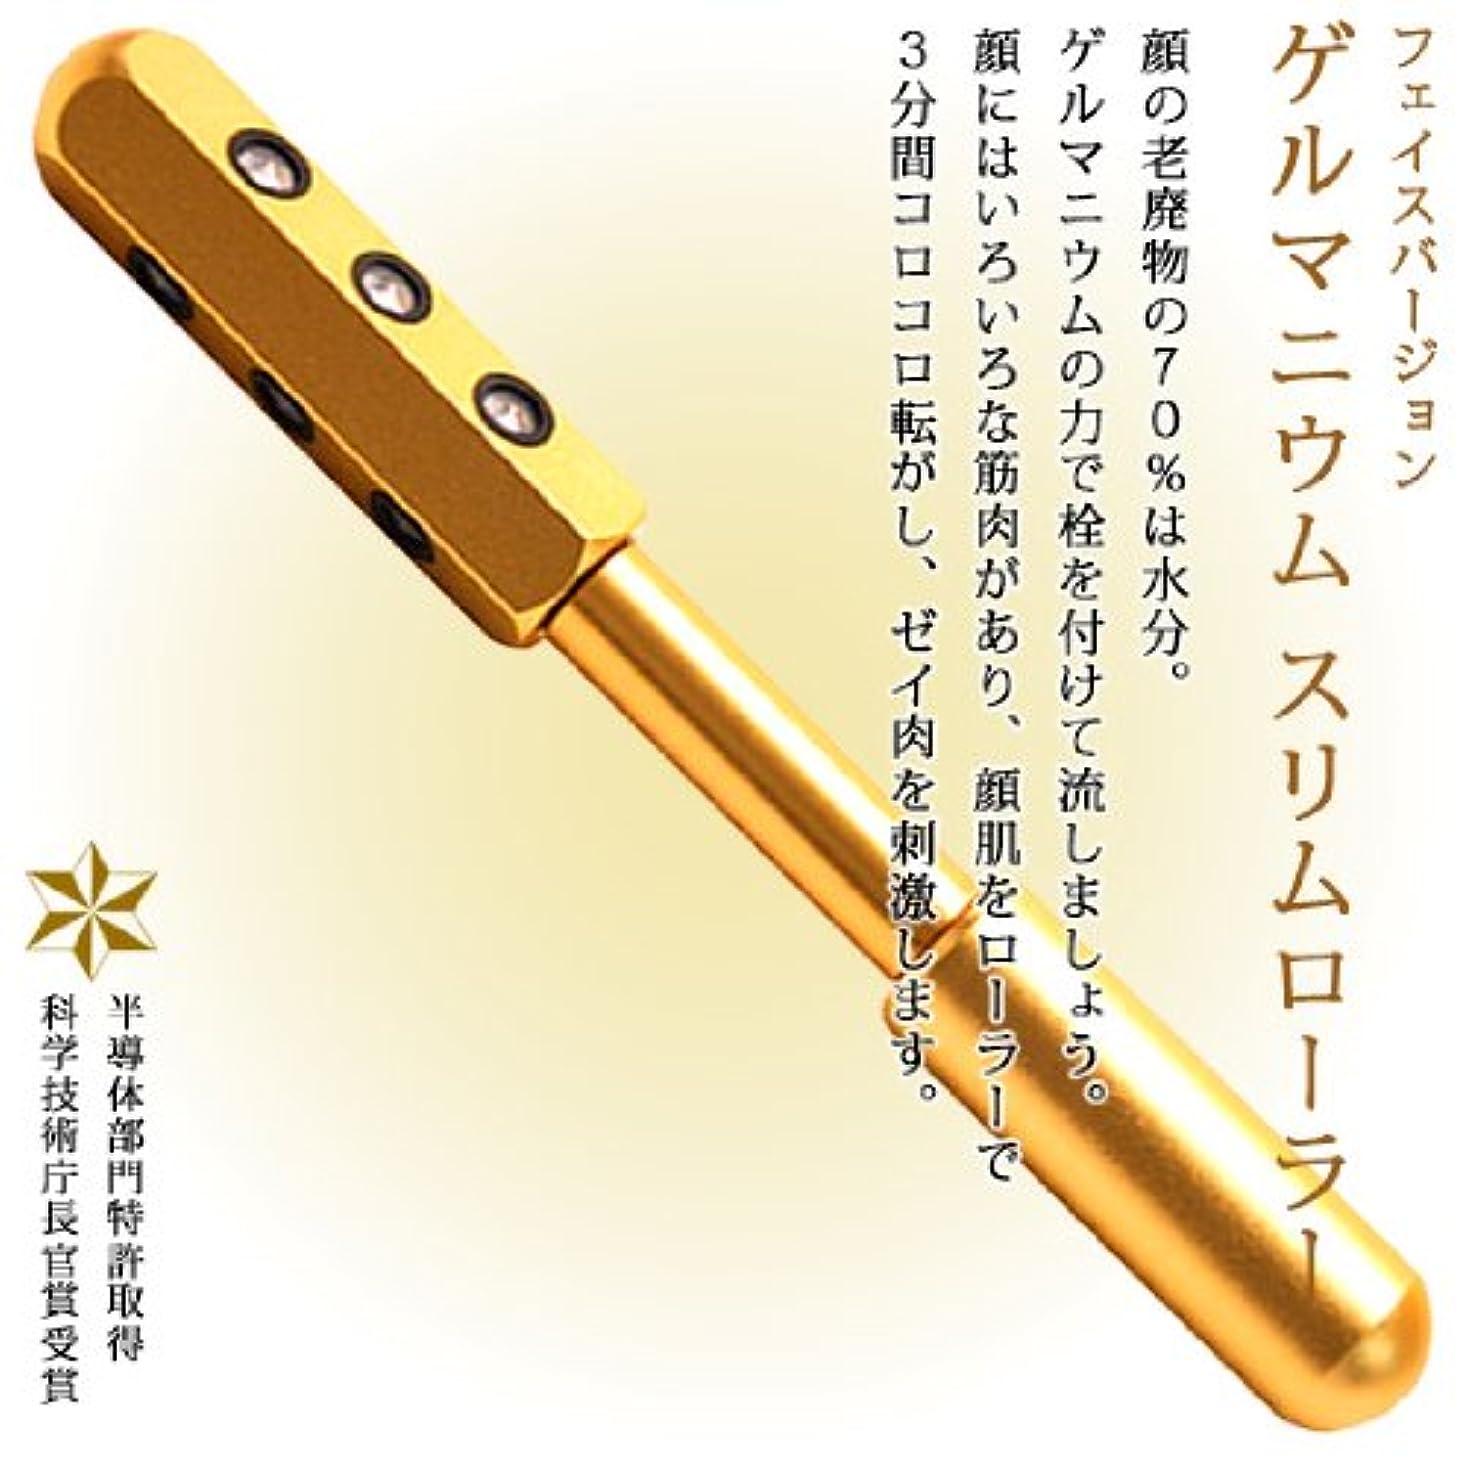 着るアジャ独特のゲルマニウムスリムローラー フェイスバージョン 【ゴールド】